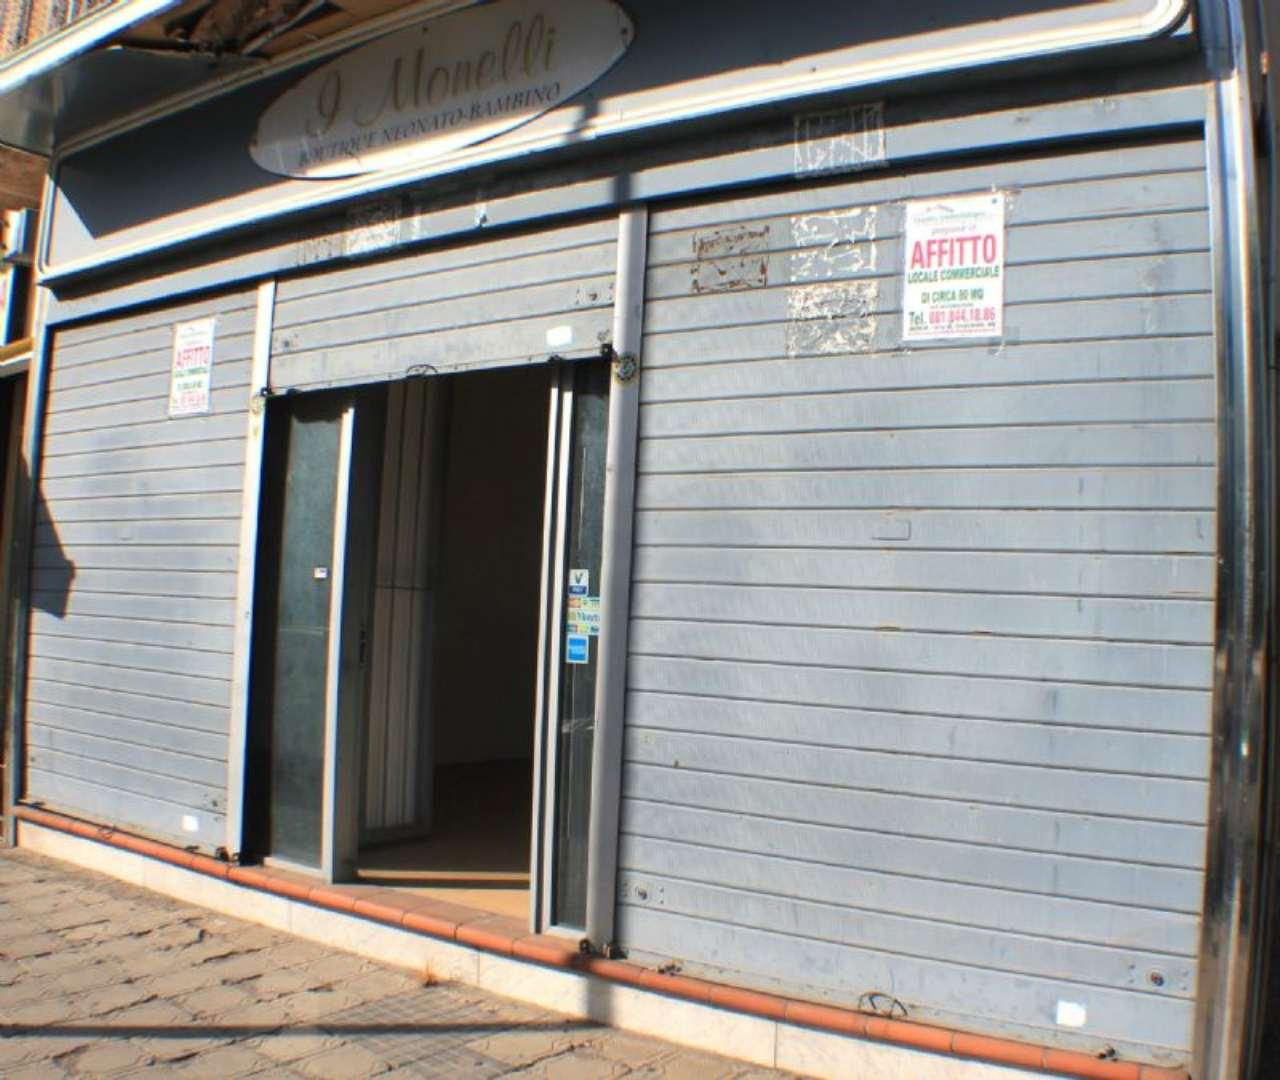 Negozio / Locale in affitto a Nola, 2 locali, prezzo € 720 | Cambio Casa.it